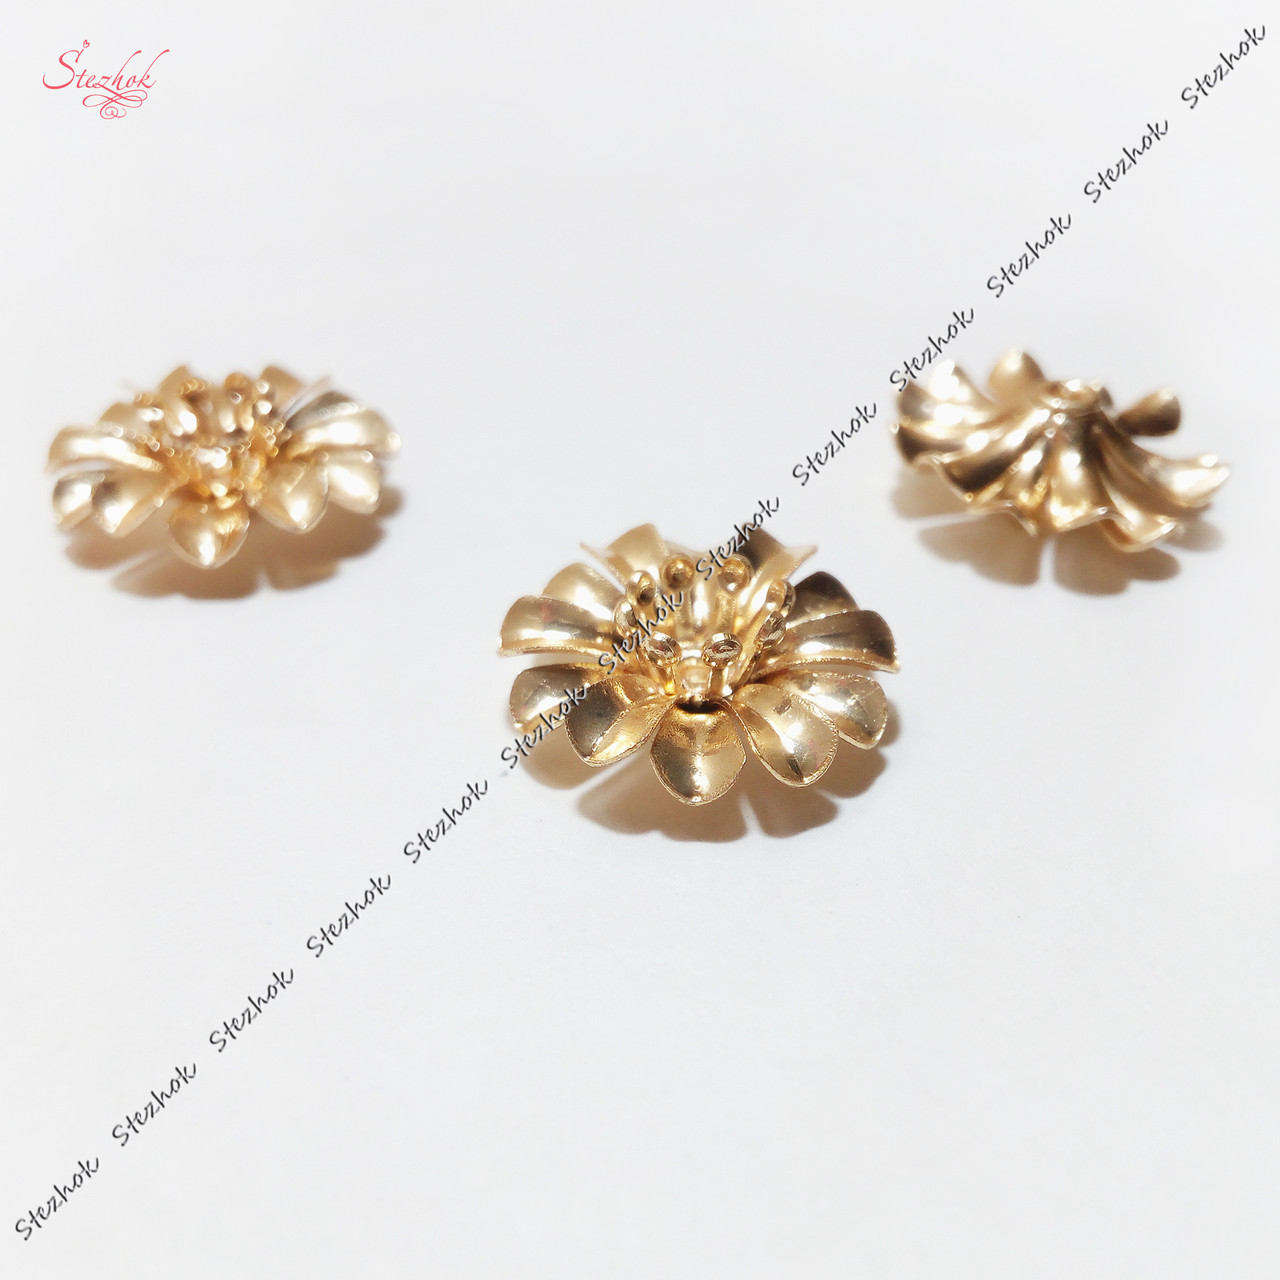 Металлический разделитель бусина 14 мм цветок золото для рукоделия